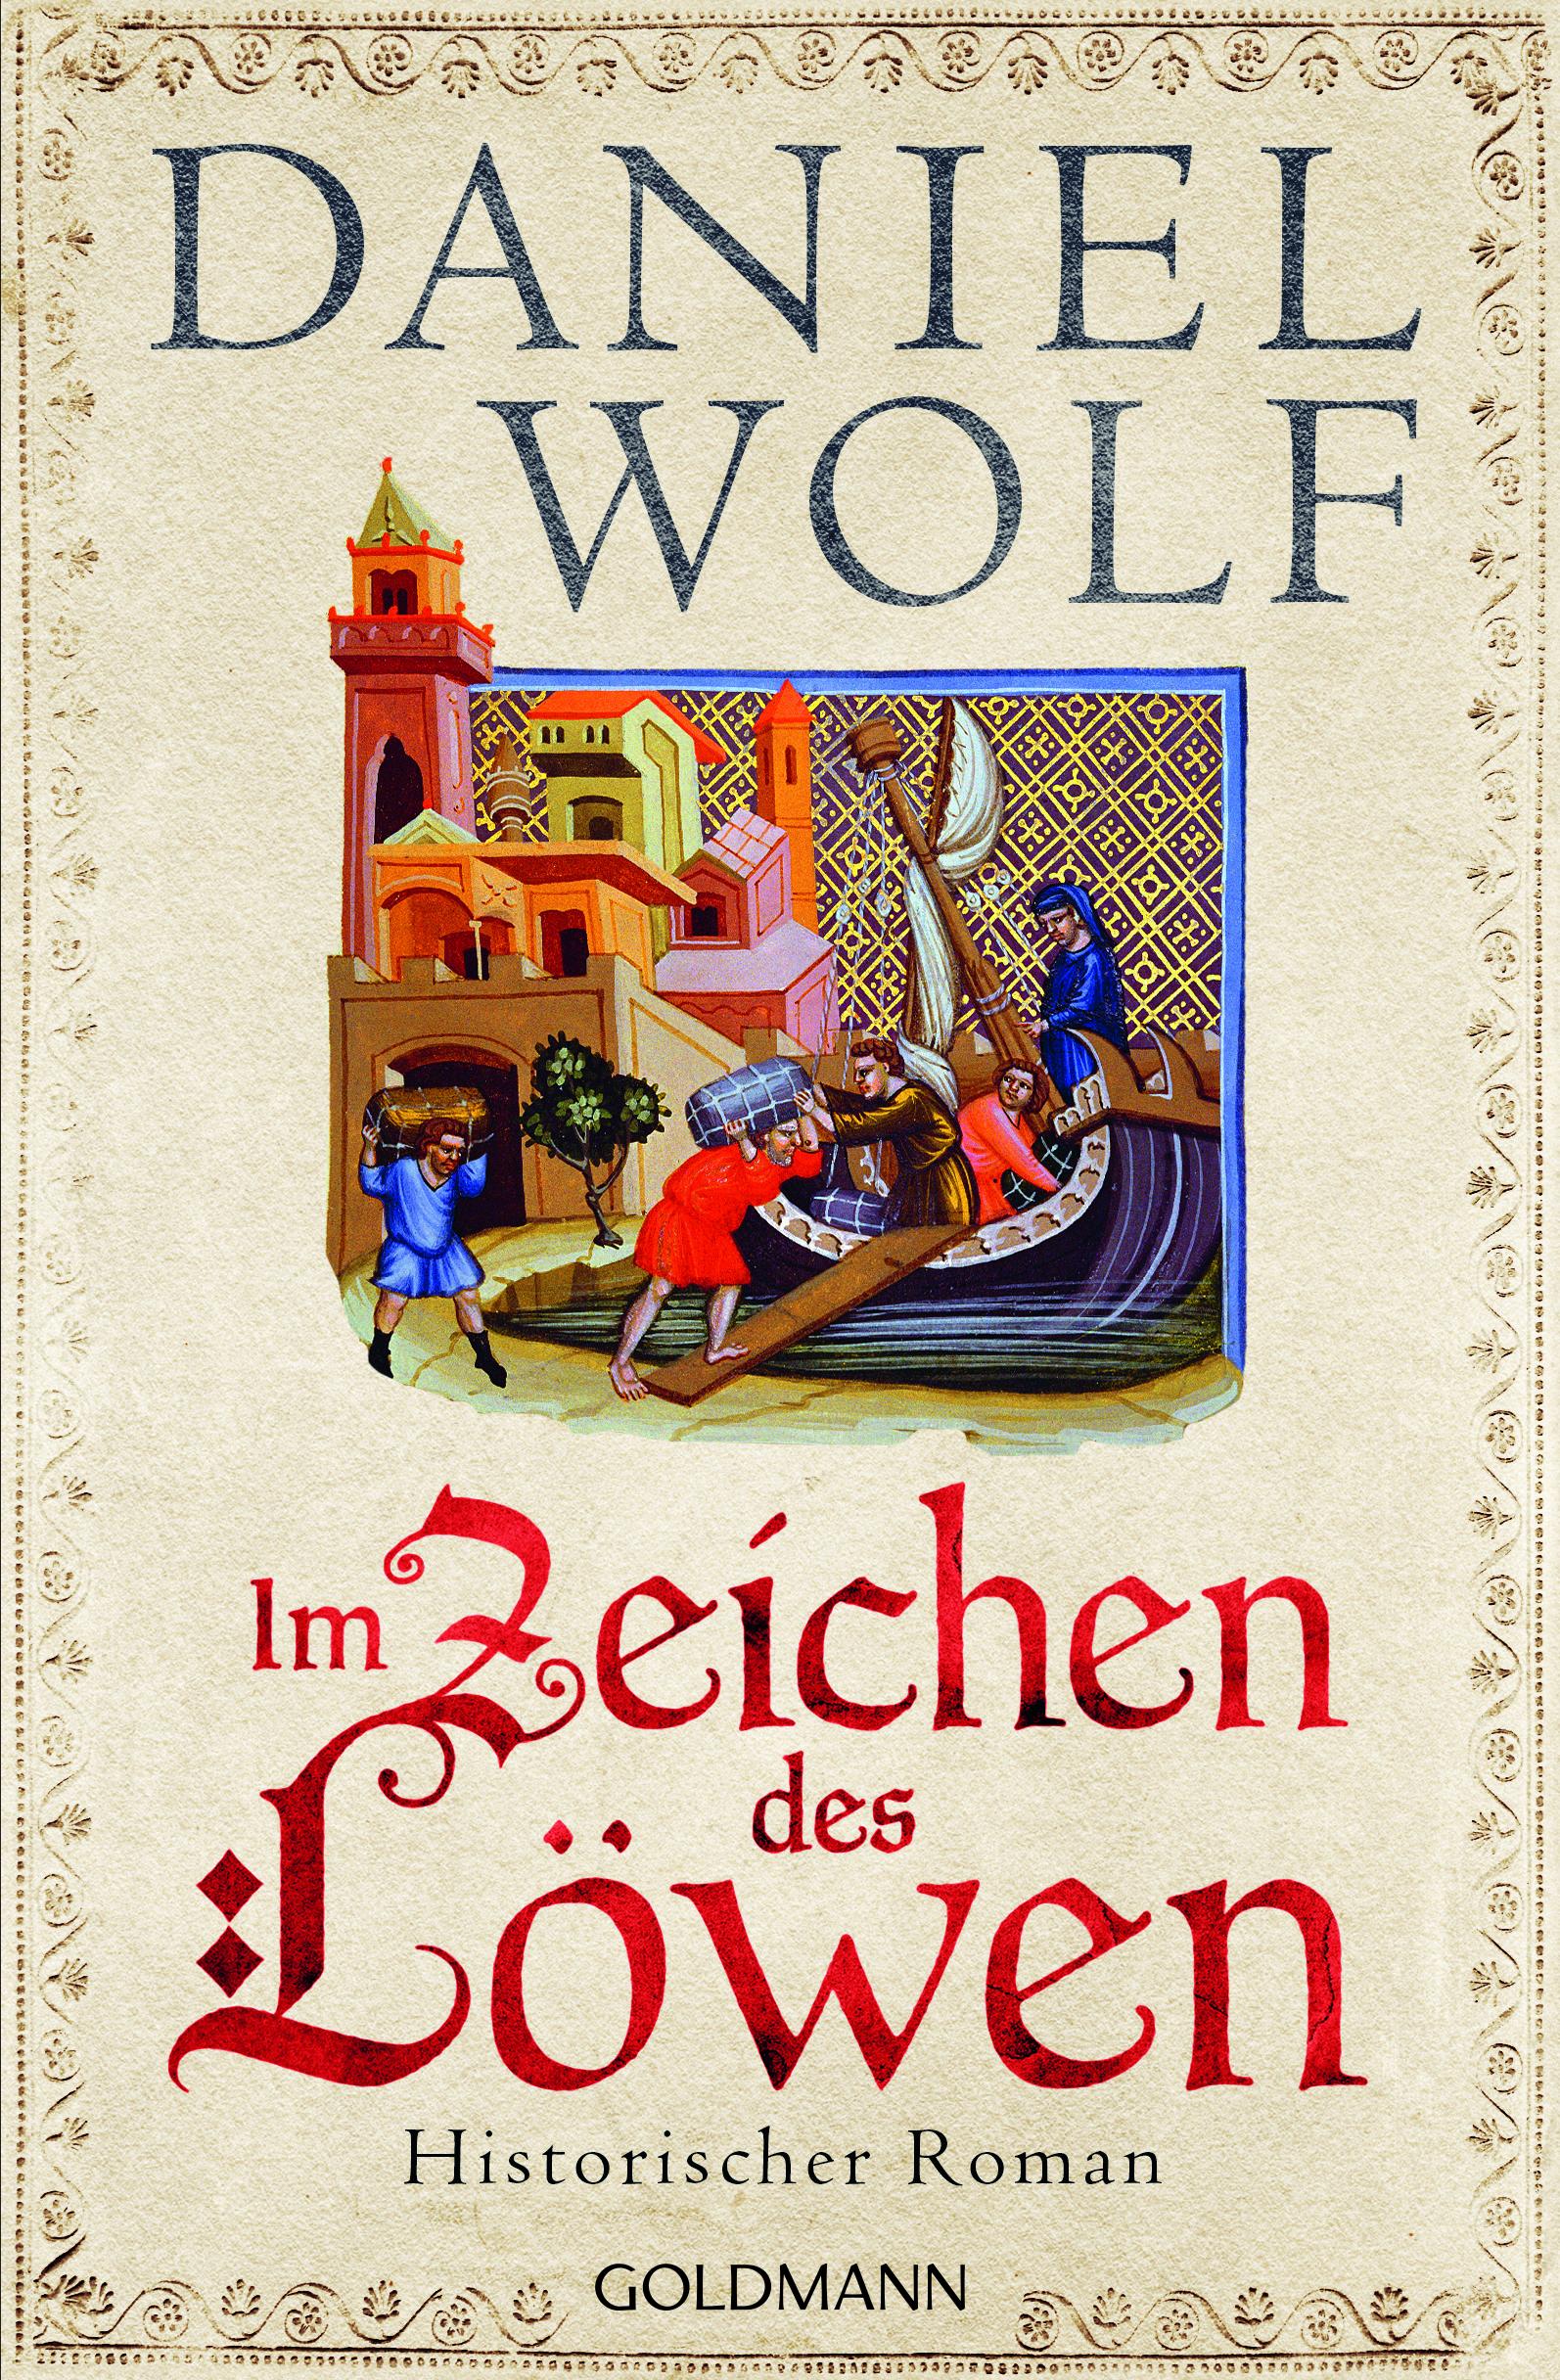 Im Zeichen des Löwen von Daniel Wolf ®Goldmann